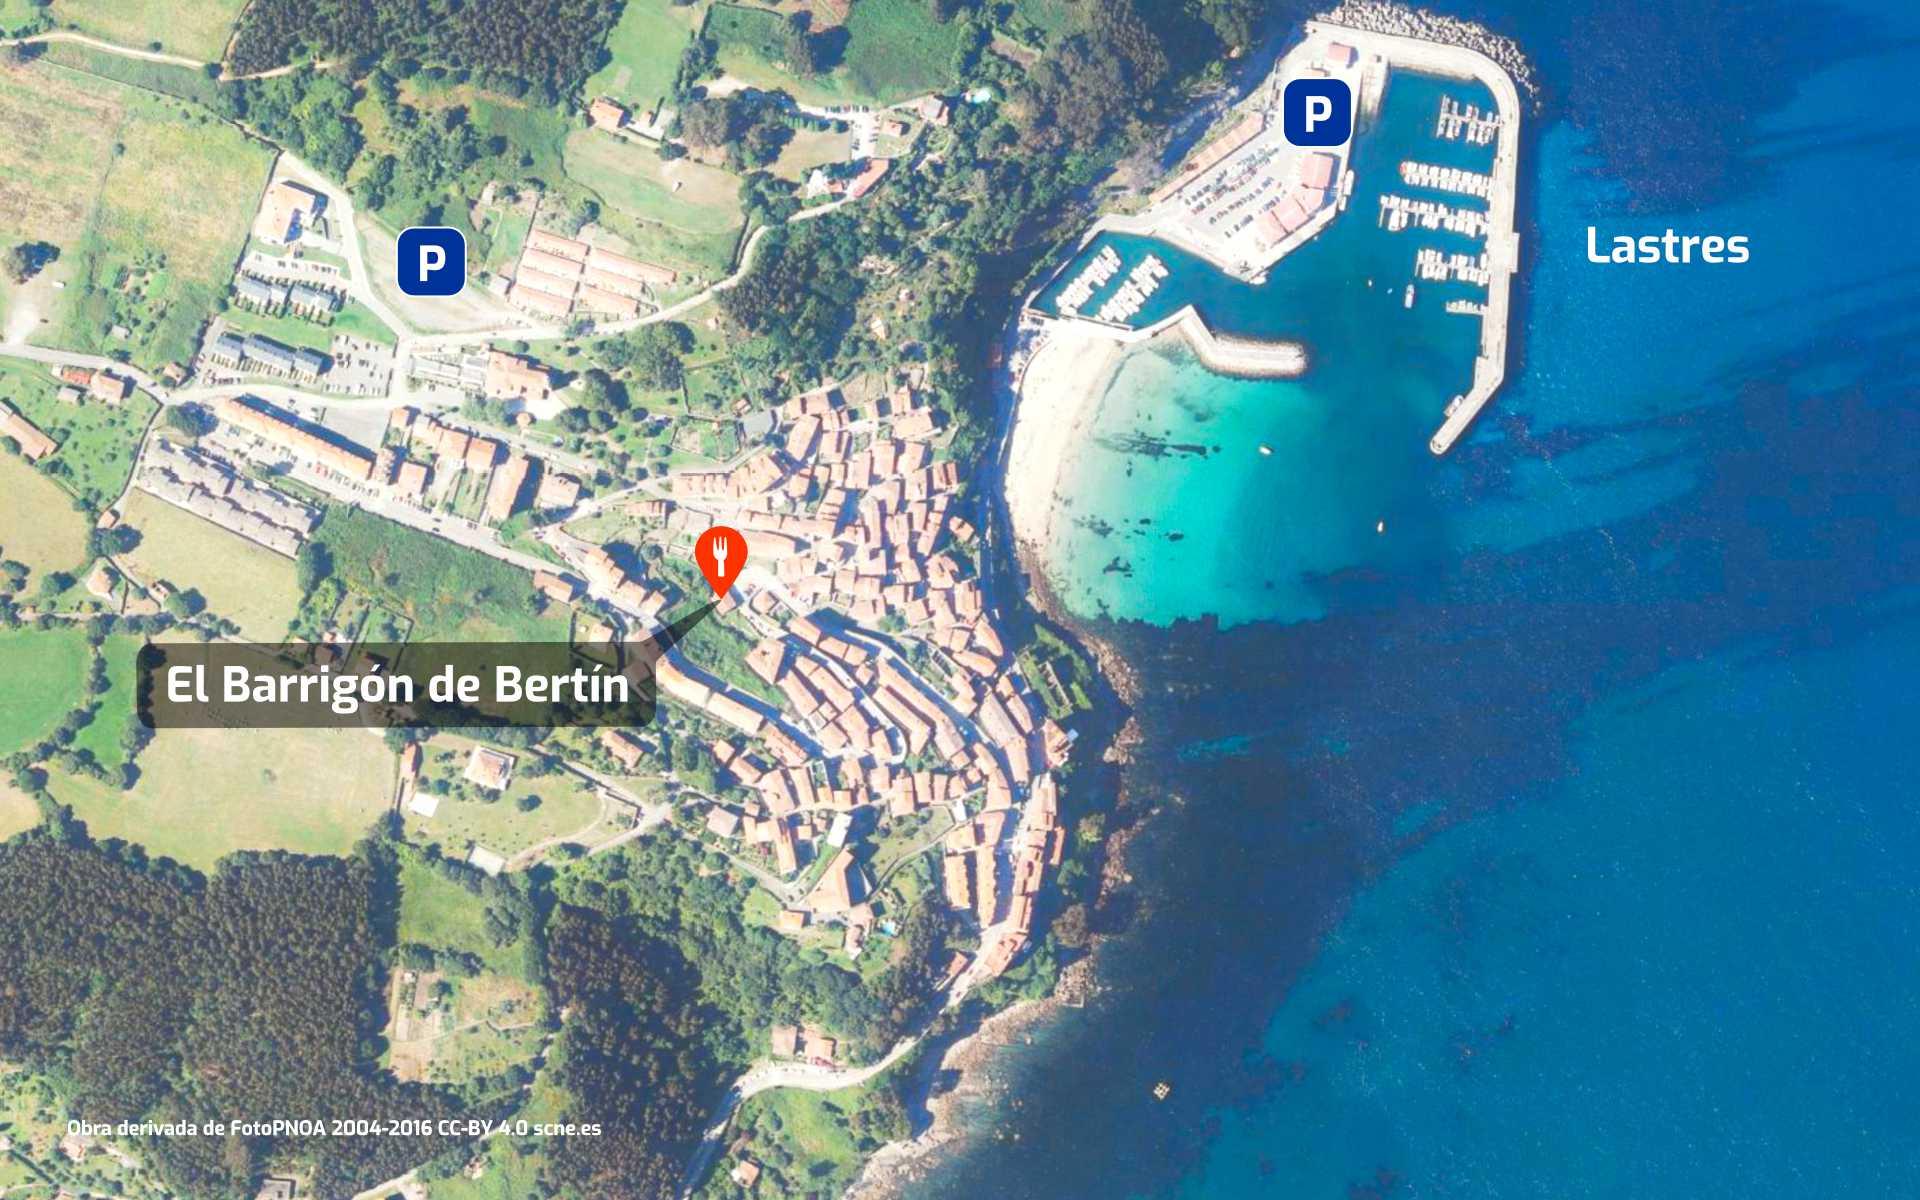 Mapa de cómo llegar al restaurante El Barrigón de Bertin en Lastres, Colunga, Asturias.